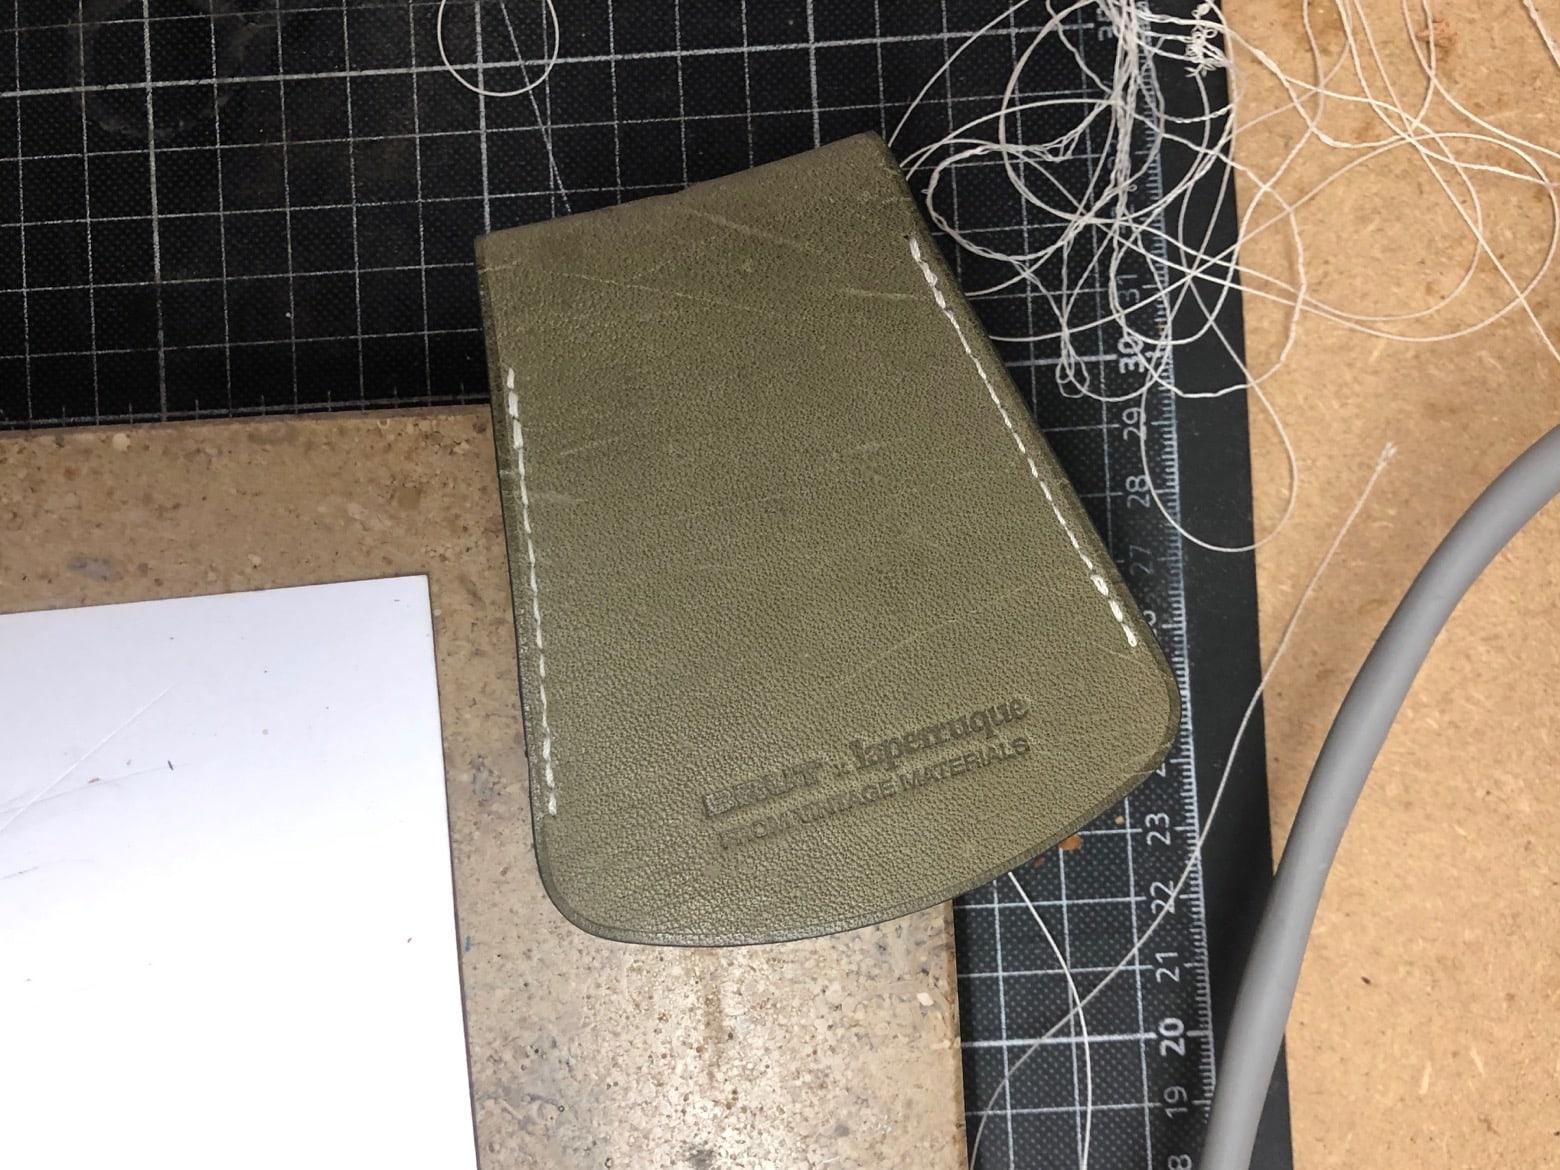 Laperruque-x-brut-clothing-porté-clé-cloche -collaboration-atelier - 4